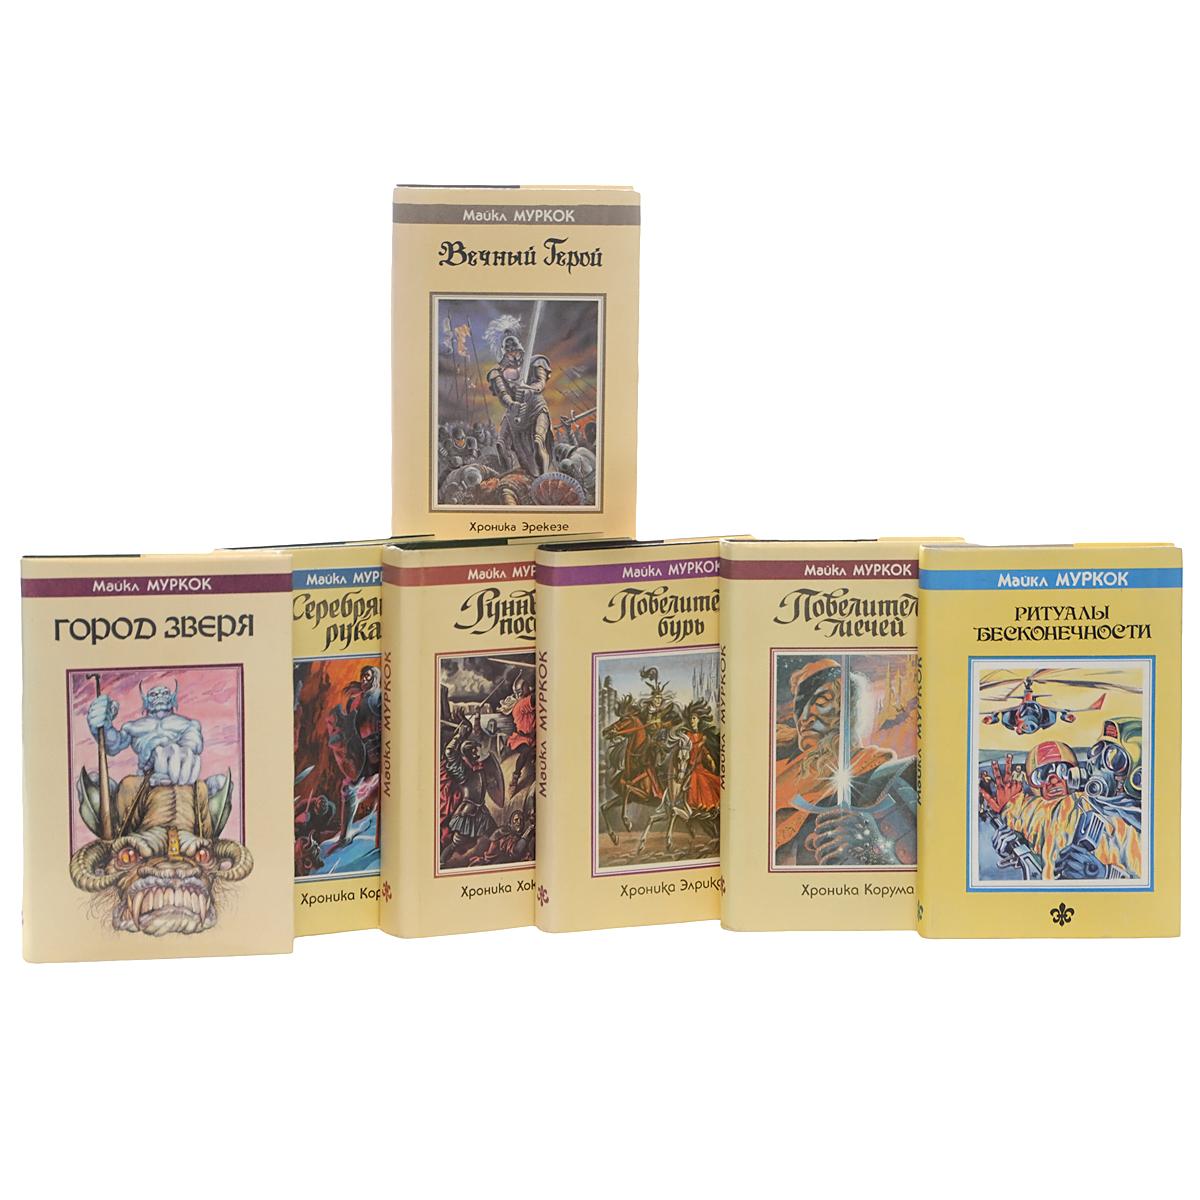 Майкл Муркок (комплект из 7 книг)